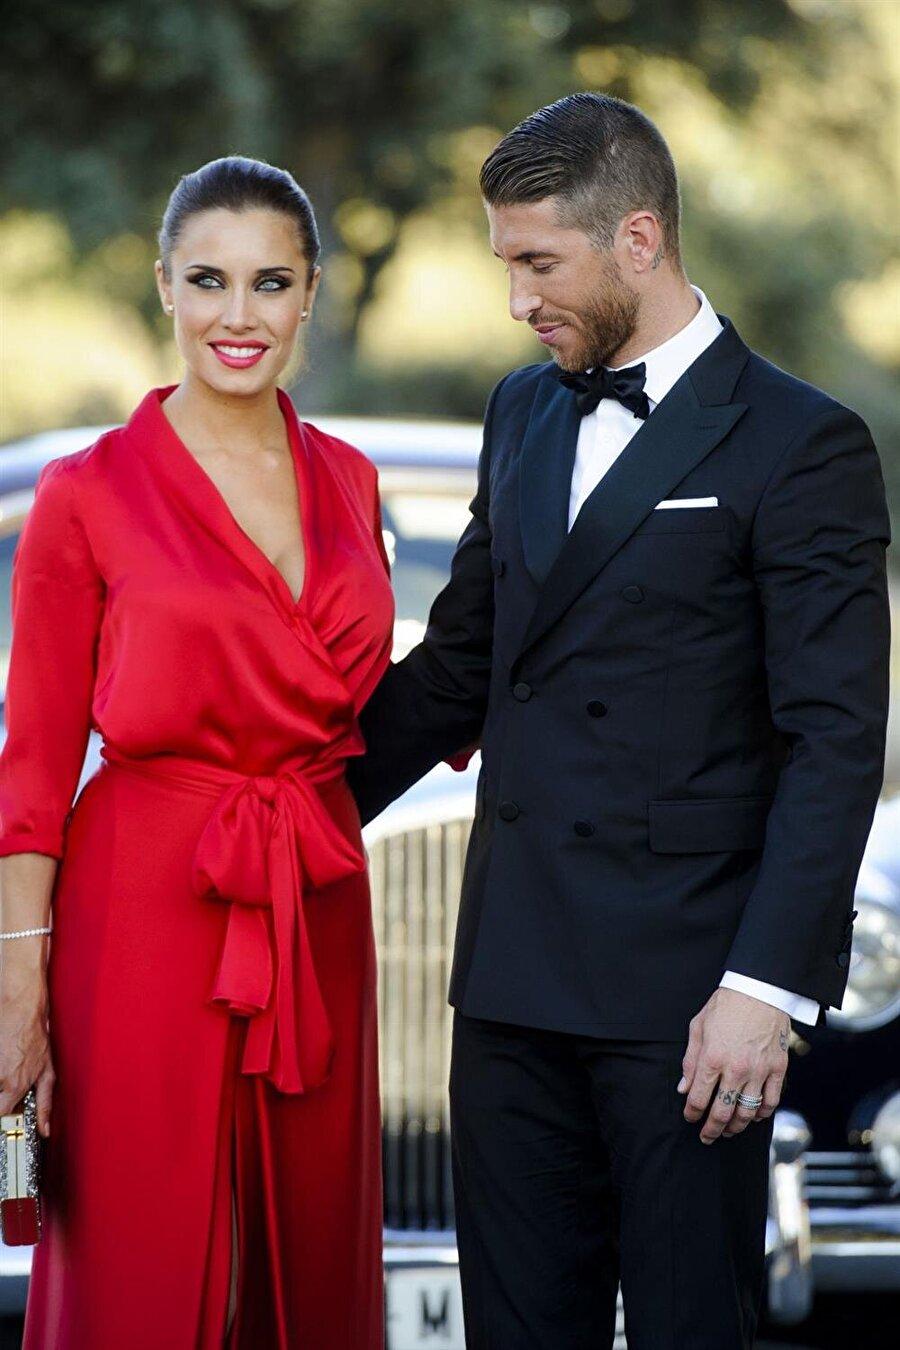 Pilar Rubio  Real Madrid'in yetenekli futbolcusu Sergio Ramos'un eşi Pilar Rubio, sunuculuk yapıyor. 2012'da dünya evine giren çift, sürekli olarak magazin gündeminde geniş yer buluyor.